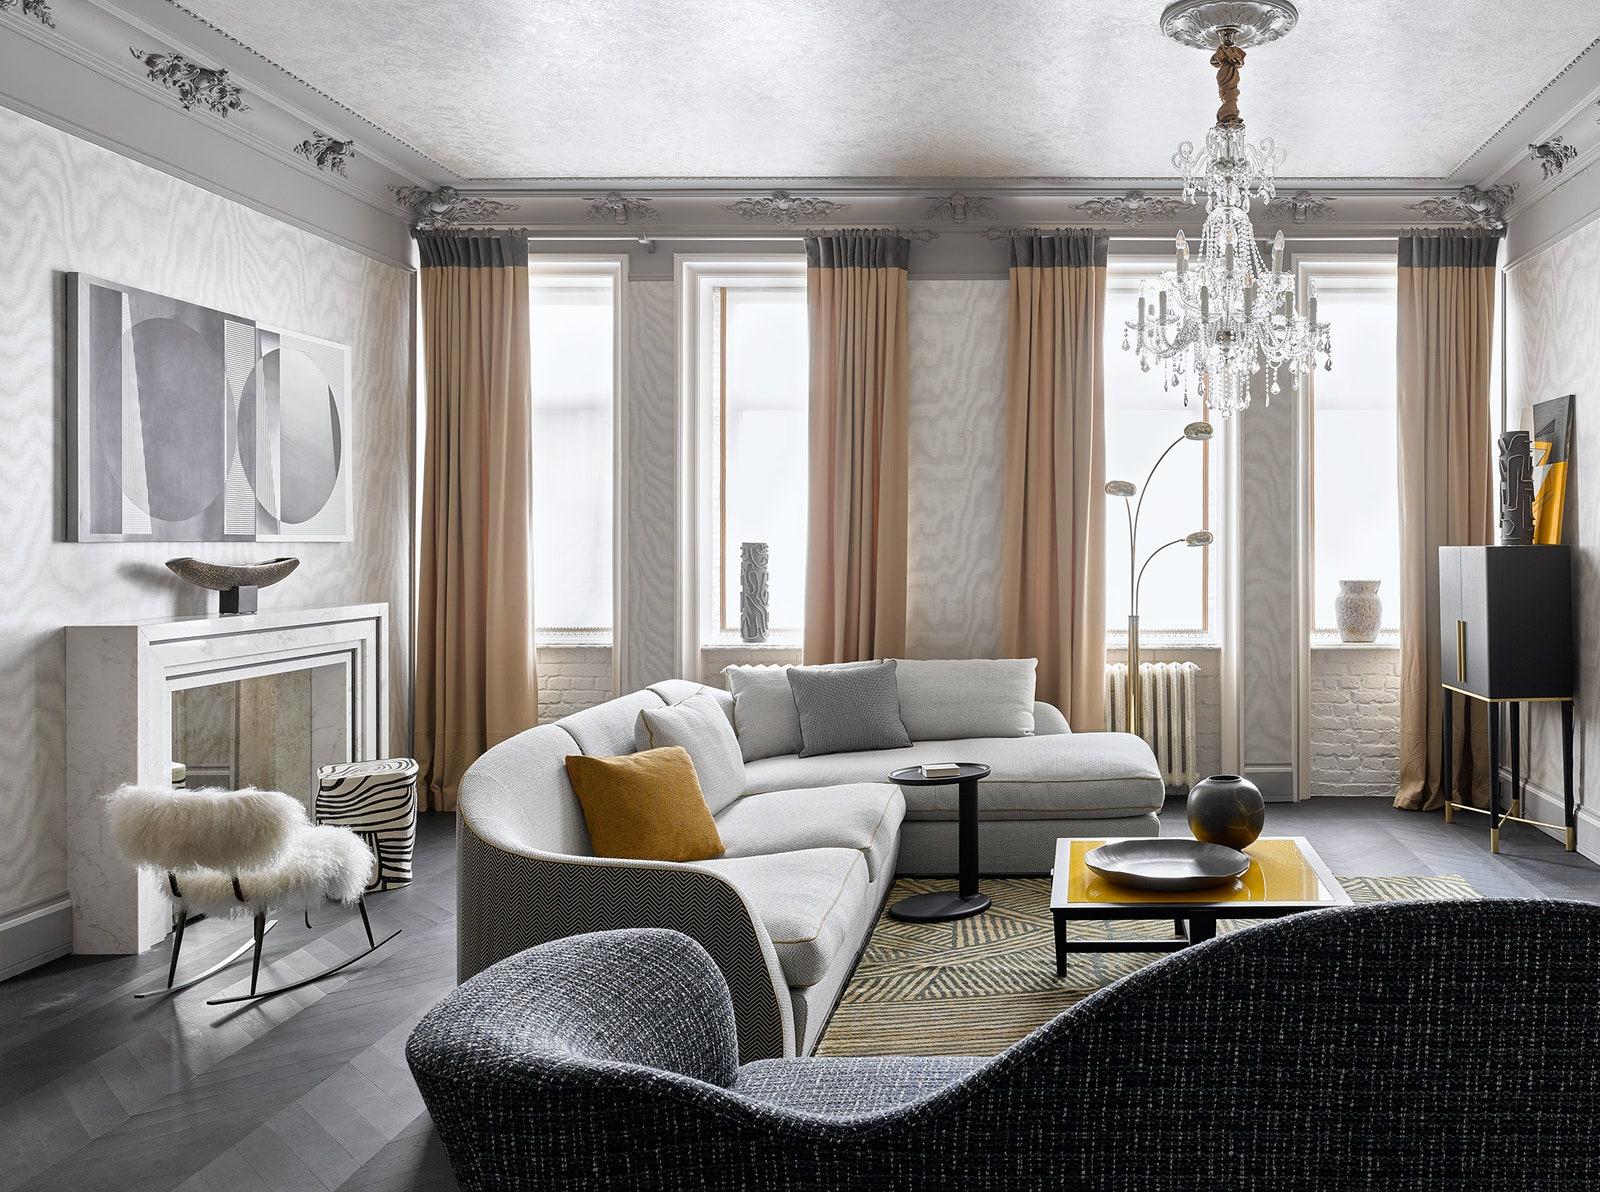 .     Giorgetti           2018   Art Online 24  Baxter   Savour.Design      Flexform  Vysotka Home     Gubi  Gallotti...